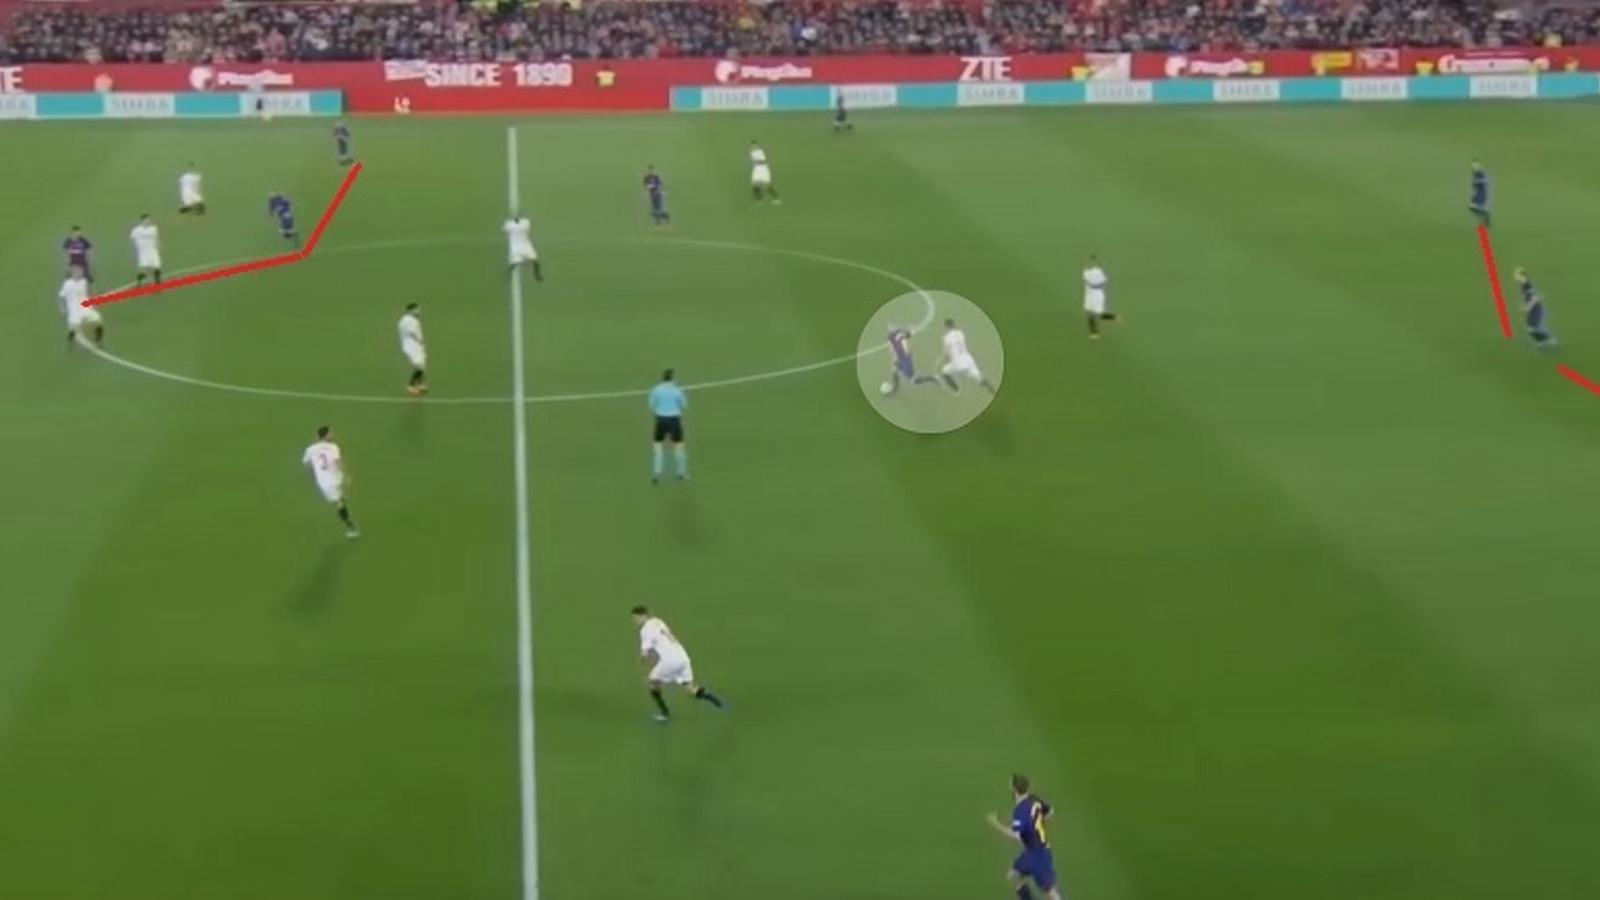 Iniesta recull de Rakitic (que fa sortida de 3) i porta la pilota a territori d'atac: el Barça es desplega assimètricament